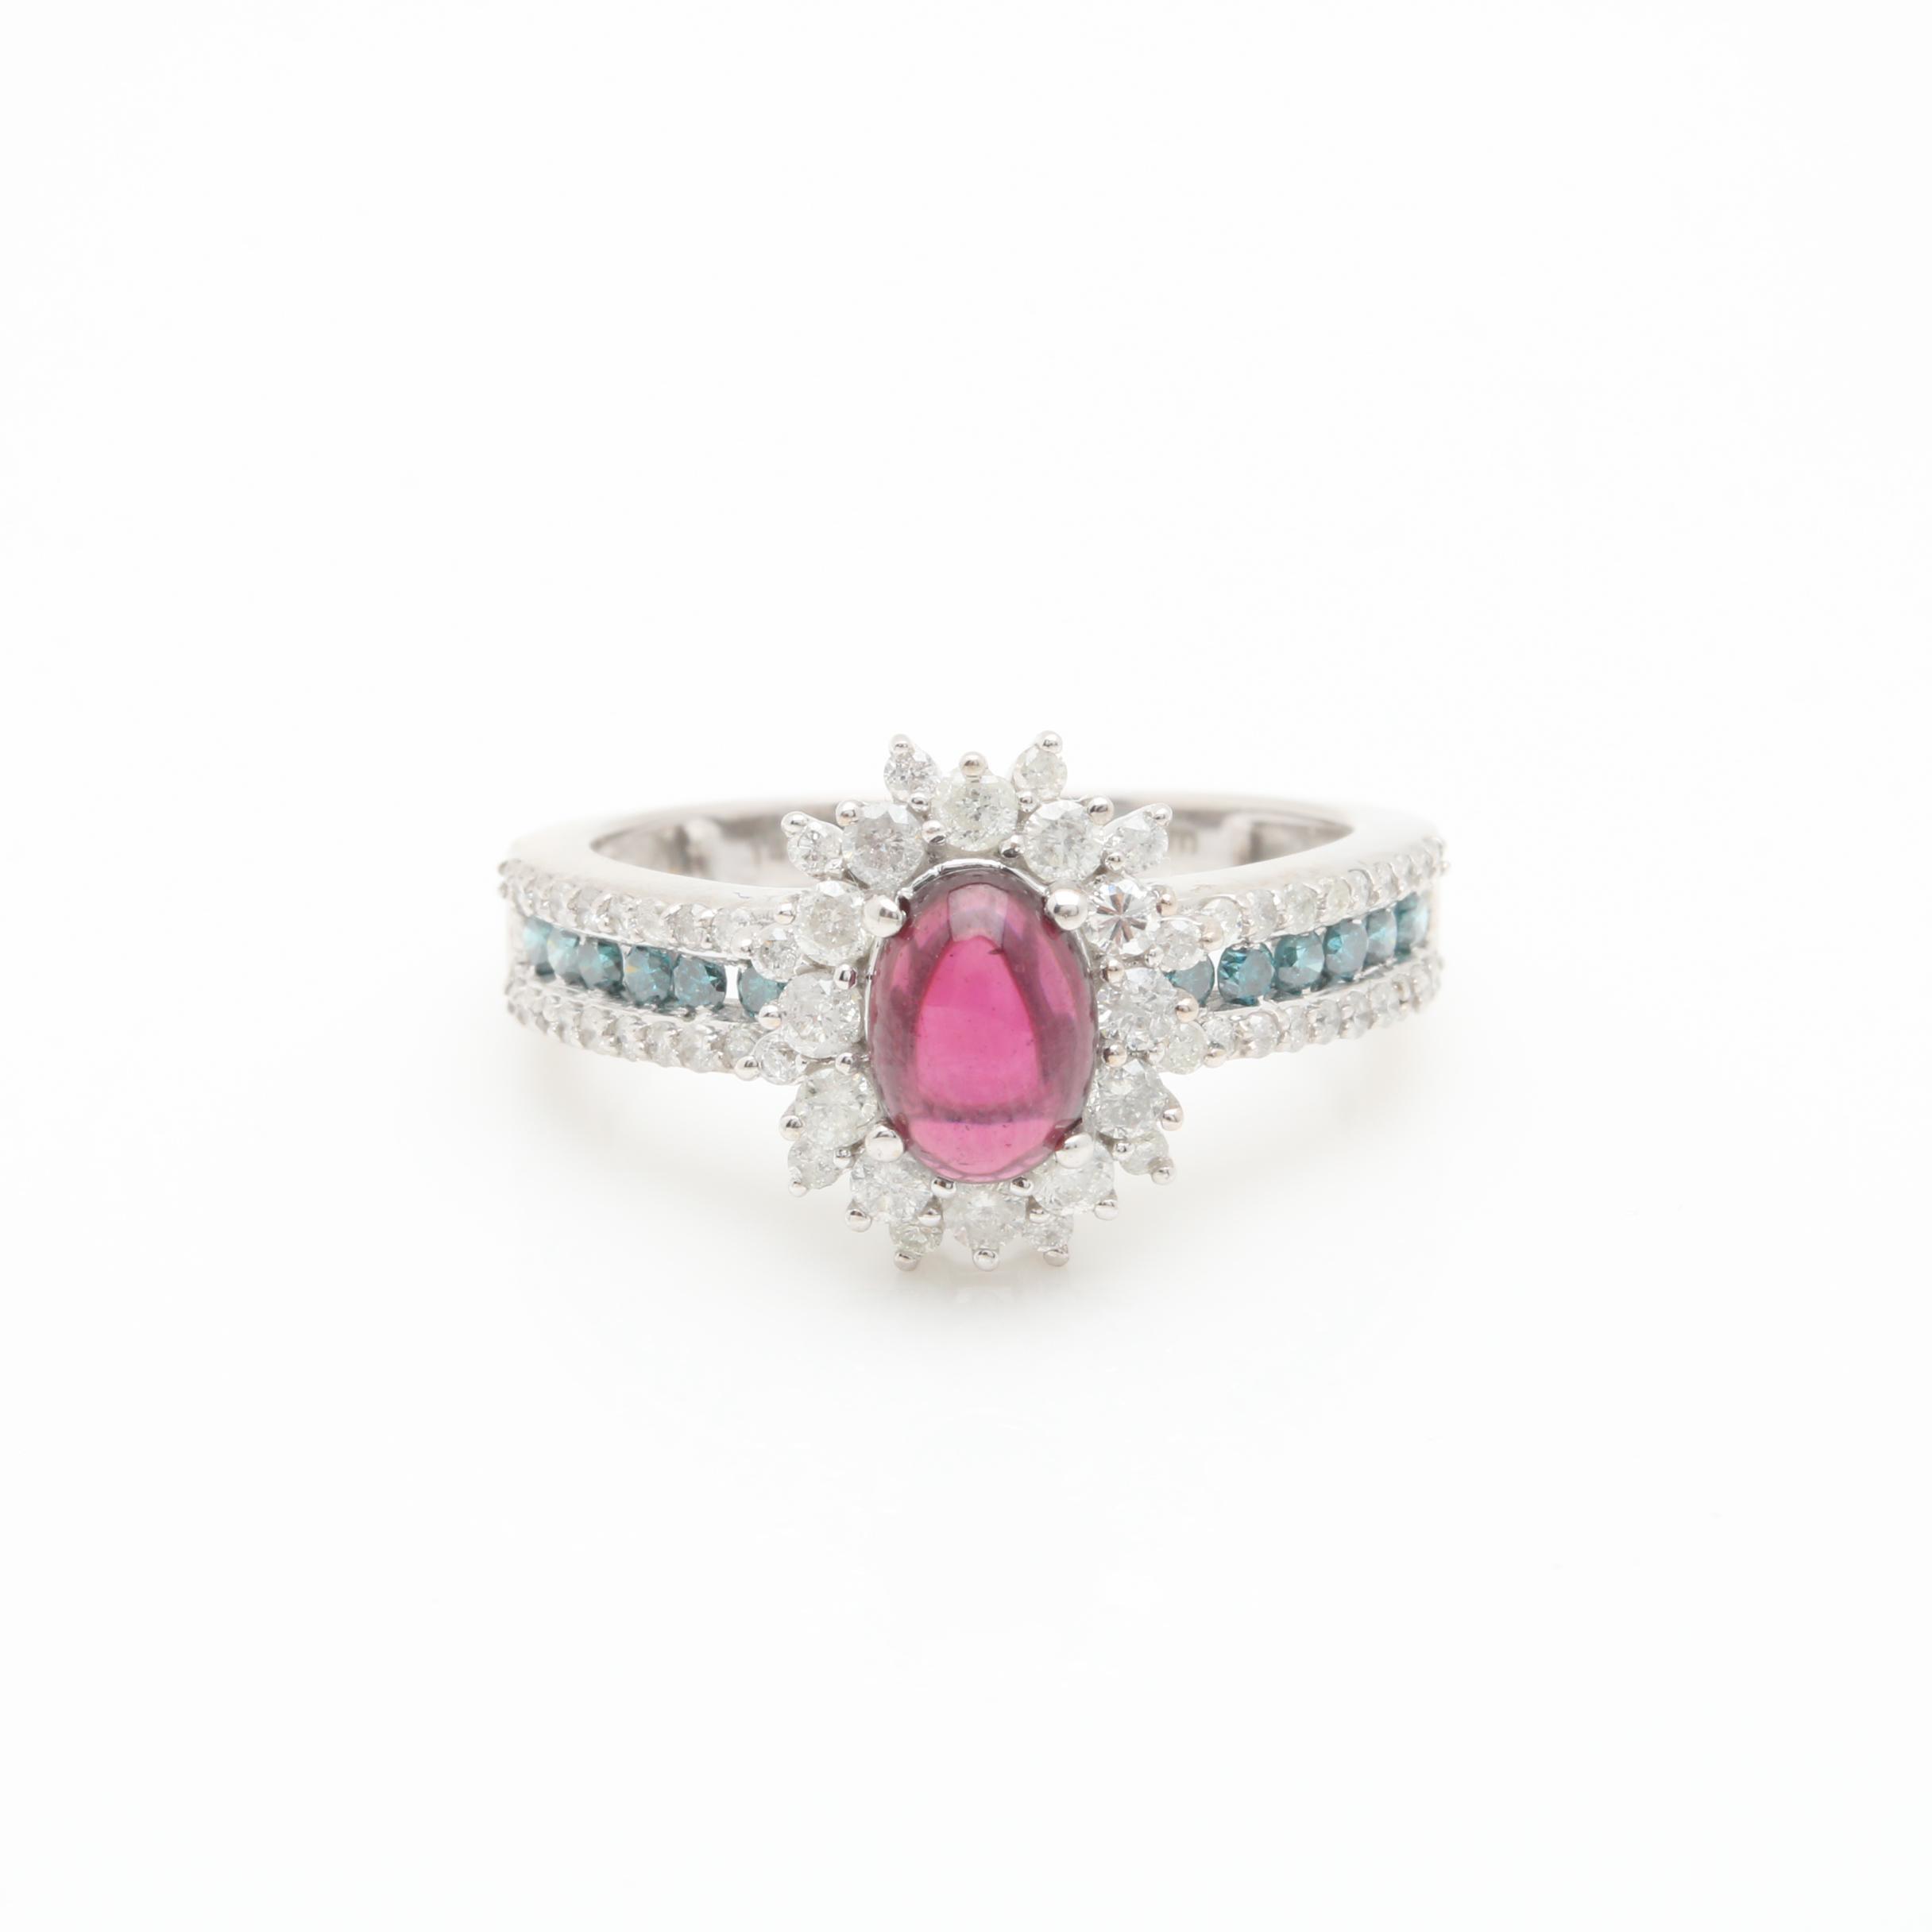 14K White Gold Garnet and Diamond Ring